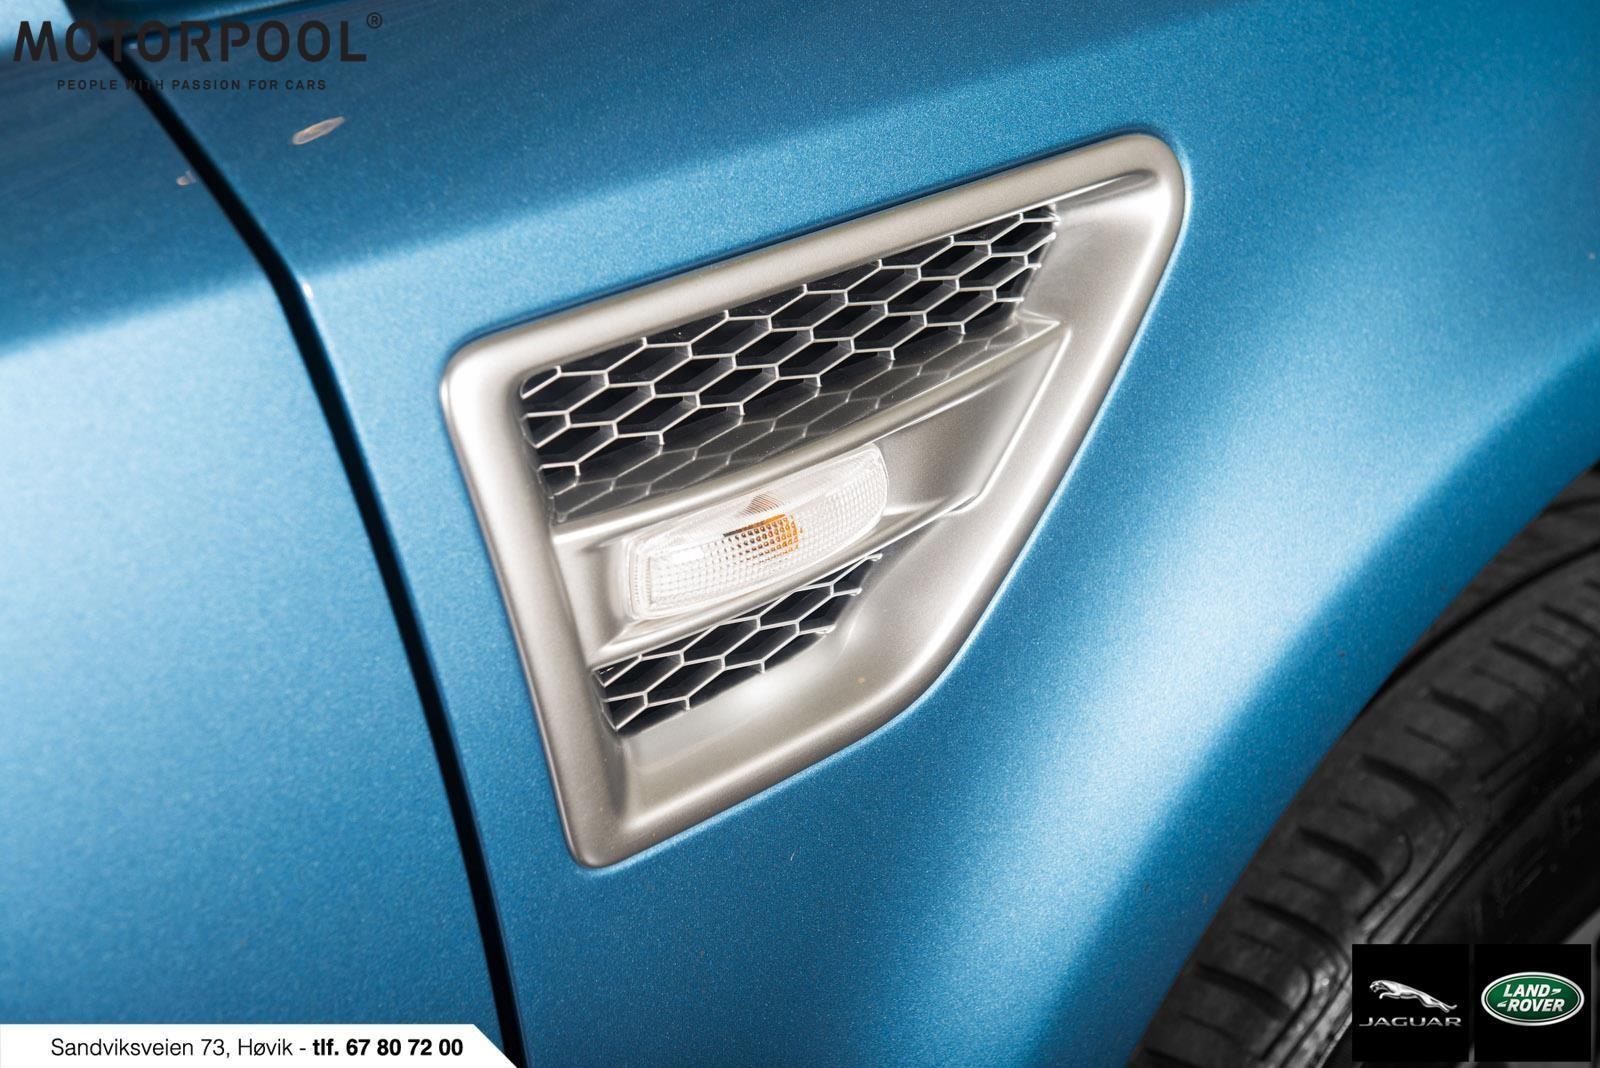 Bruktbil Land Rover Freelander 2015 73400km Motorpool